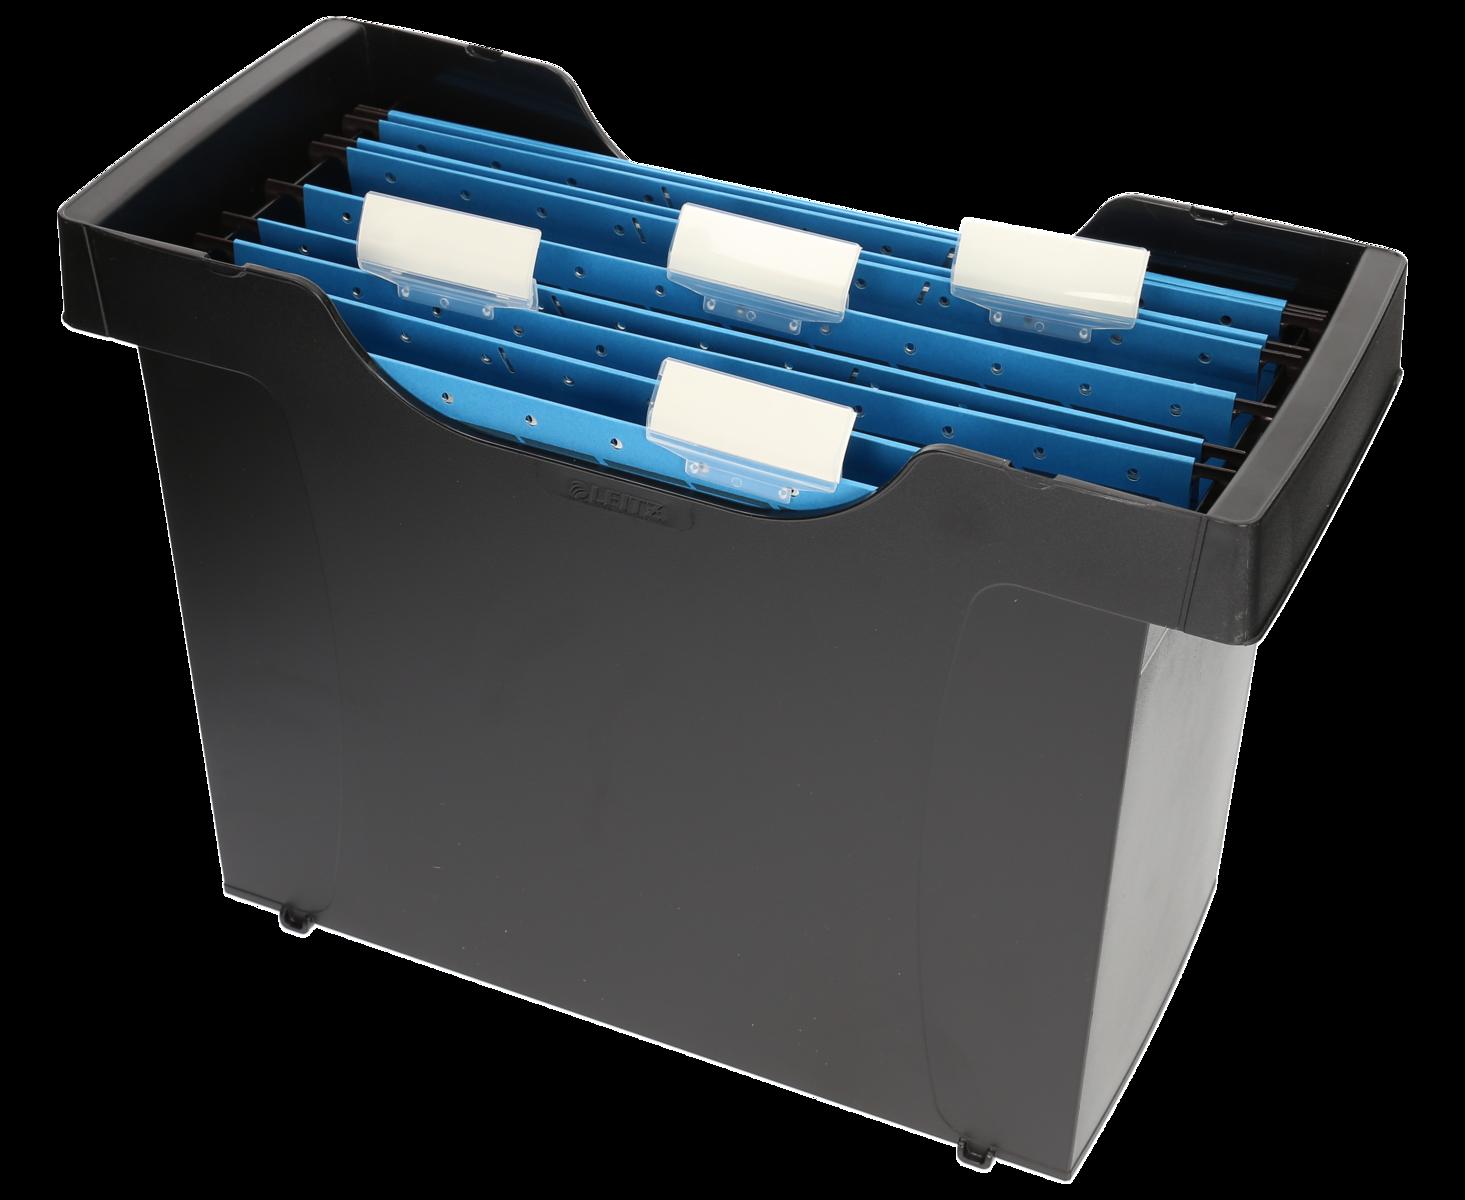 Cartelle Sospese Plastica.Leitz Box Per Cartelle Sospese Plus Mini Aktei Nero Plastica 1 Pezzi 39 5 Cm 27 3 Cm 17 Cm